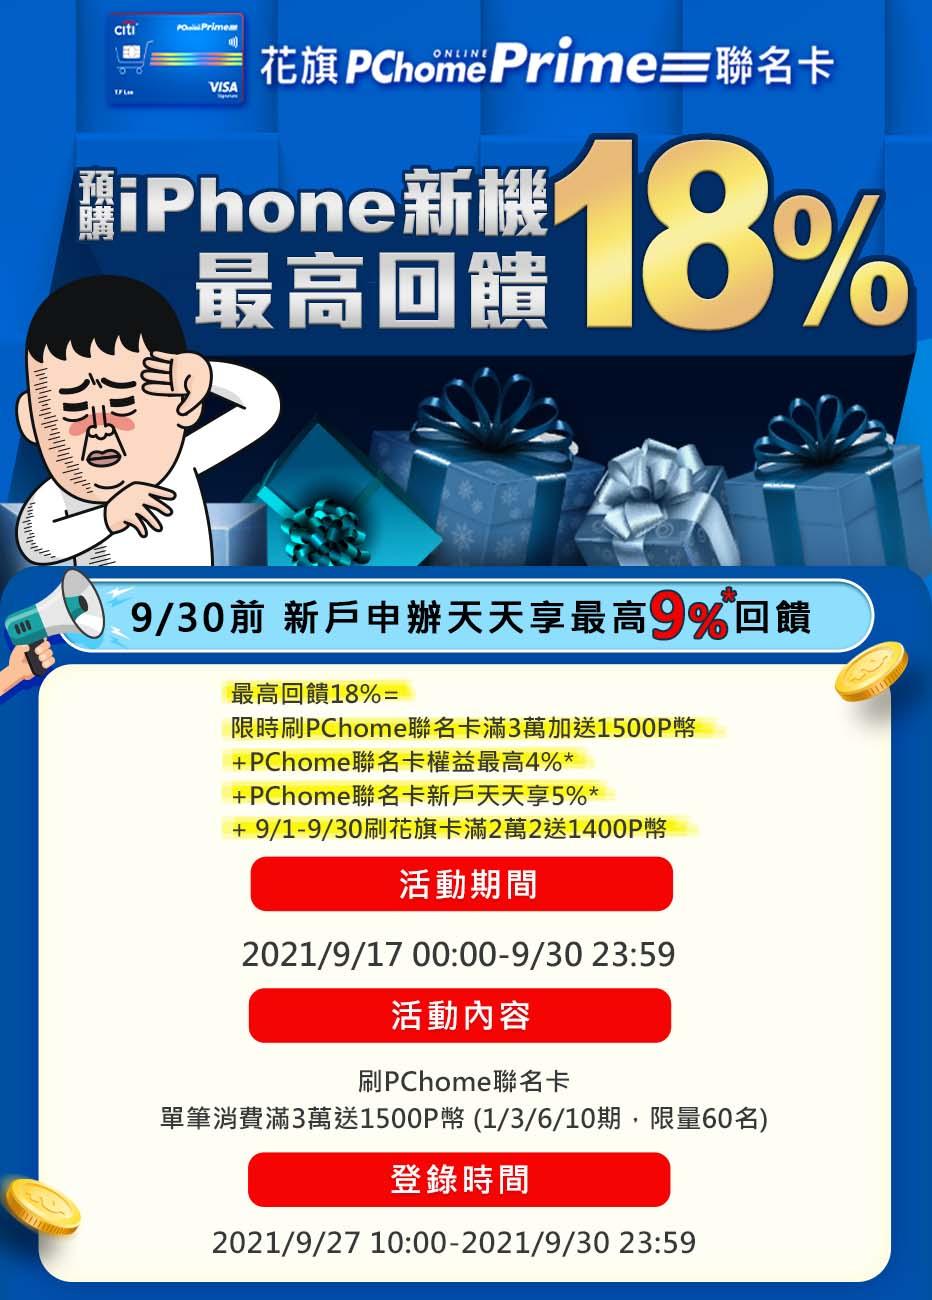 PChome 24h 購物作為全台電商唯一全系列 Apple 授權經銷商